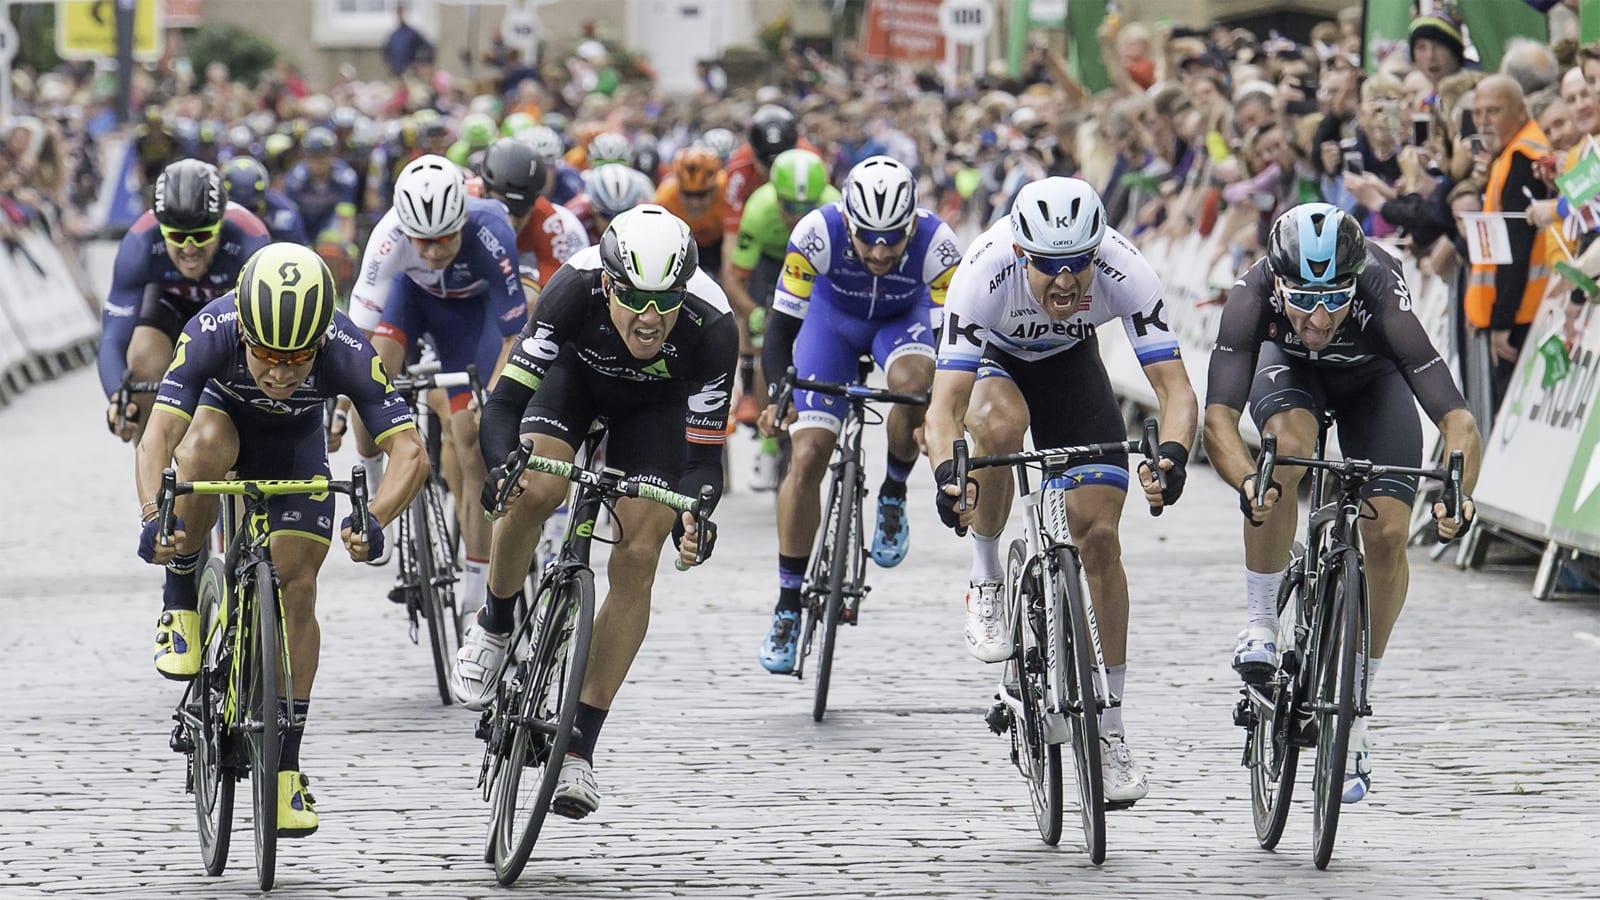 2017 Tour of Britain